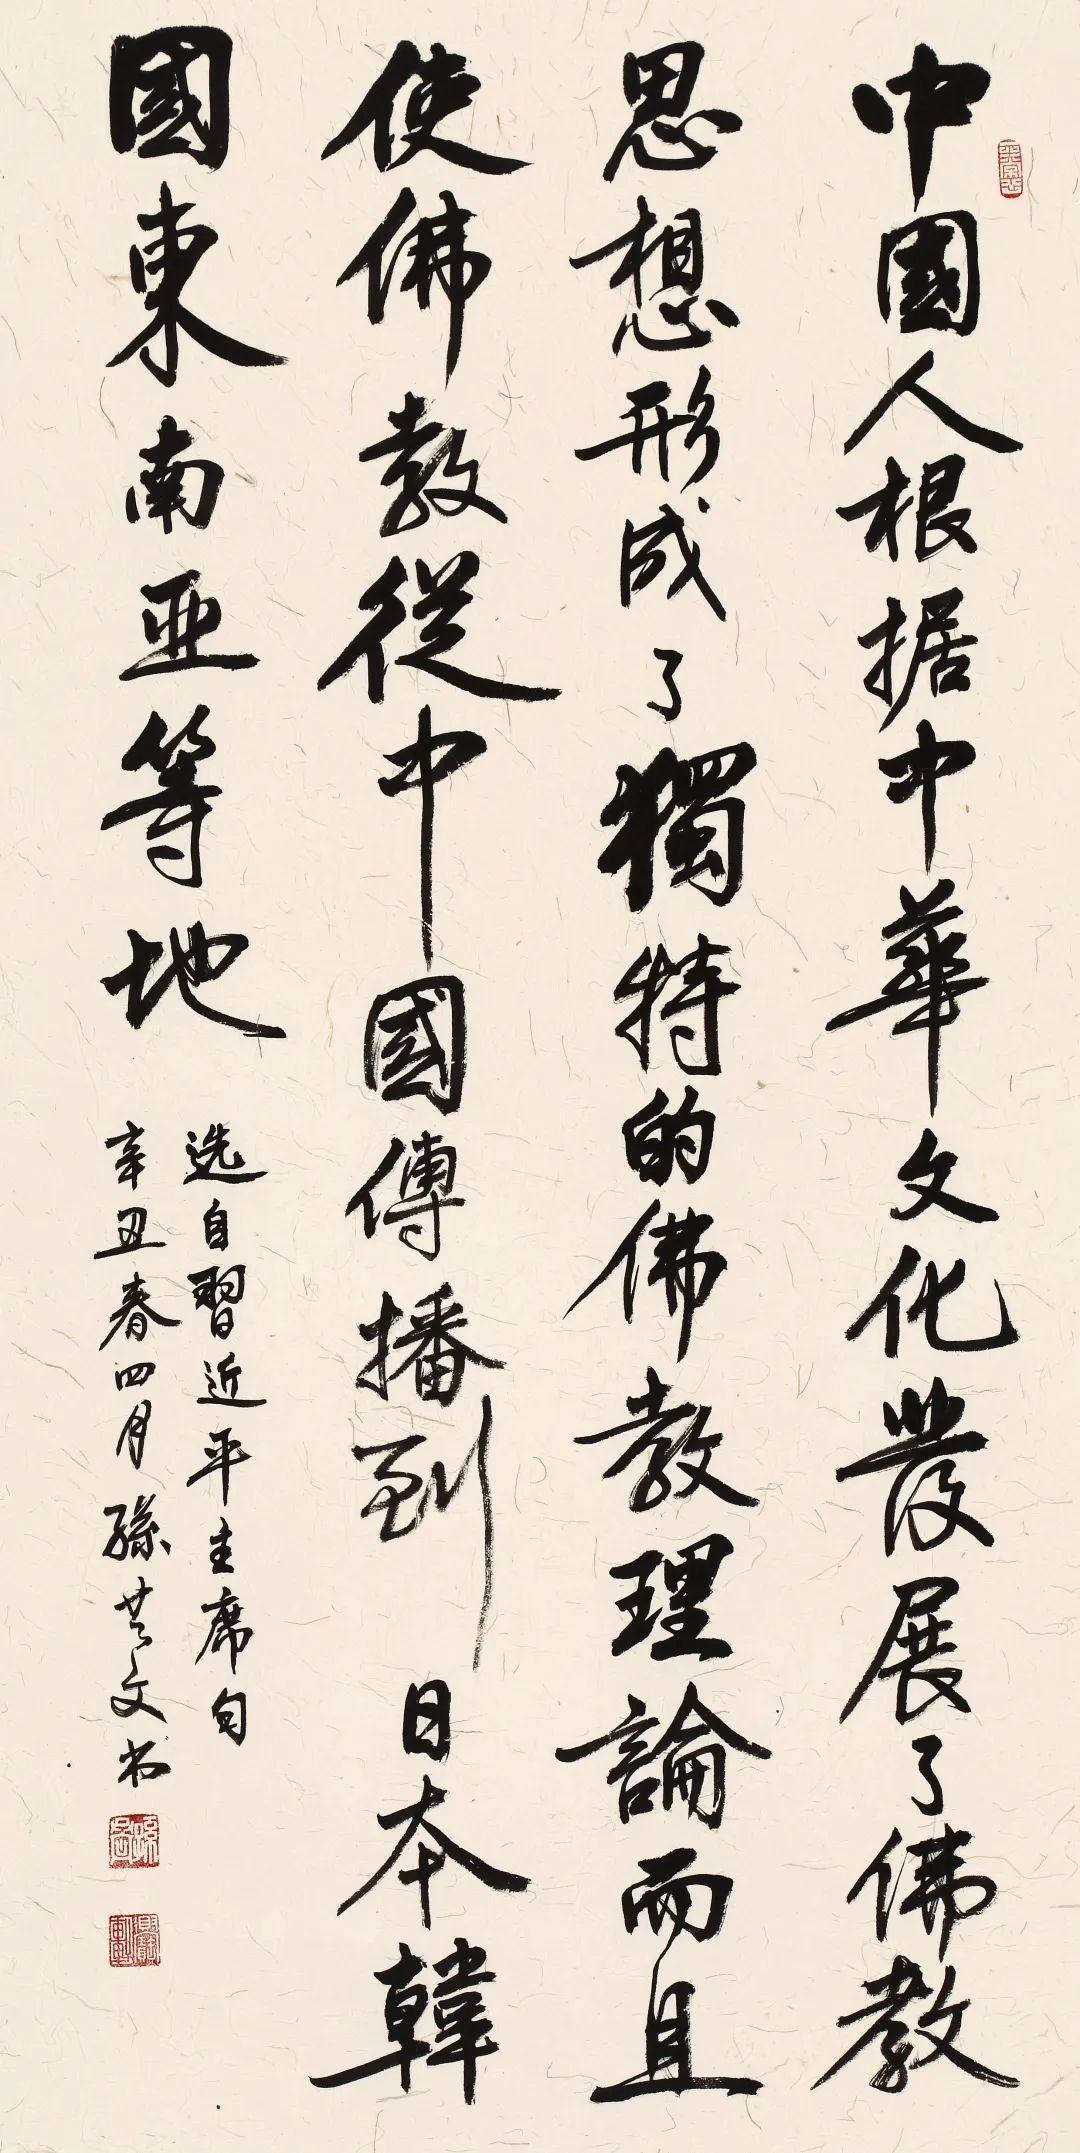 广东省美术家协会会员、广州市美术家协会会员、广州羊城书法研究会副会长孙共文